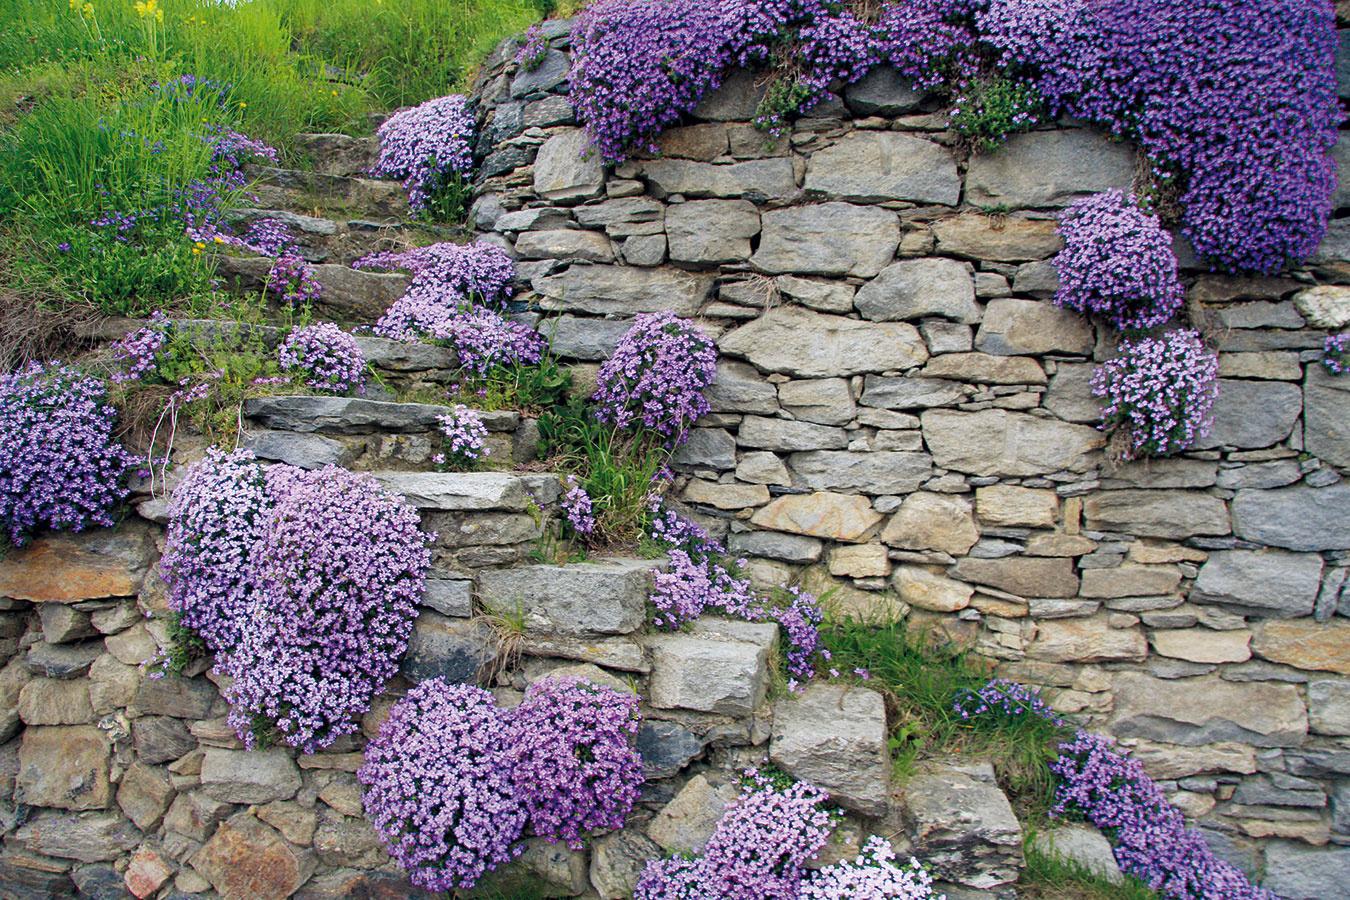 Múriky v prírodne koncipovanej záhrade, ktorých súčasťou sú aj schody, môžu na jar rozžiariť kvetinové koberčeky. Tie najkrajšie vytvára romanticky pôsobiaca nenáročná tarička (Aubrieta deltoidea) s fialovými alebo bielymi kvetmi. Na svoj rast potrebuje slnko, pričom jej viac vyhovujú vyššie polohy. Nevyhnutná je aj výživná priepustná pôda a dostatok miesta. Taričku možno do škár v múrikoch vysádzať aj počas kvitnutia. V takomto prípade je však nevyhnutný koreňový bal, ktorý je dobré do škáry opatrne zatlačiť. Výhodou je, že po výsadbe sa rýchlo zakorení. Po odkvitnutí možno trsy tejto skalničky vybrať, rozdeliť a rozsadiť na nové miesta. Rastlina sa dobre rozmnožuje aj odrezkami. Miluje nahriate kamene a zle znáša miesta, kde steká voda.